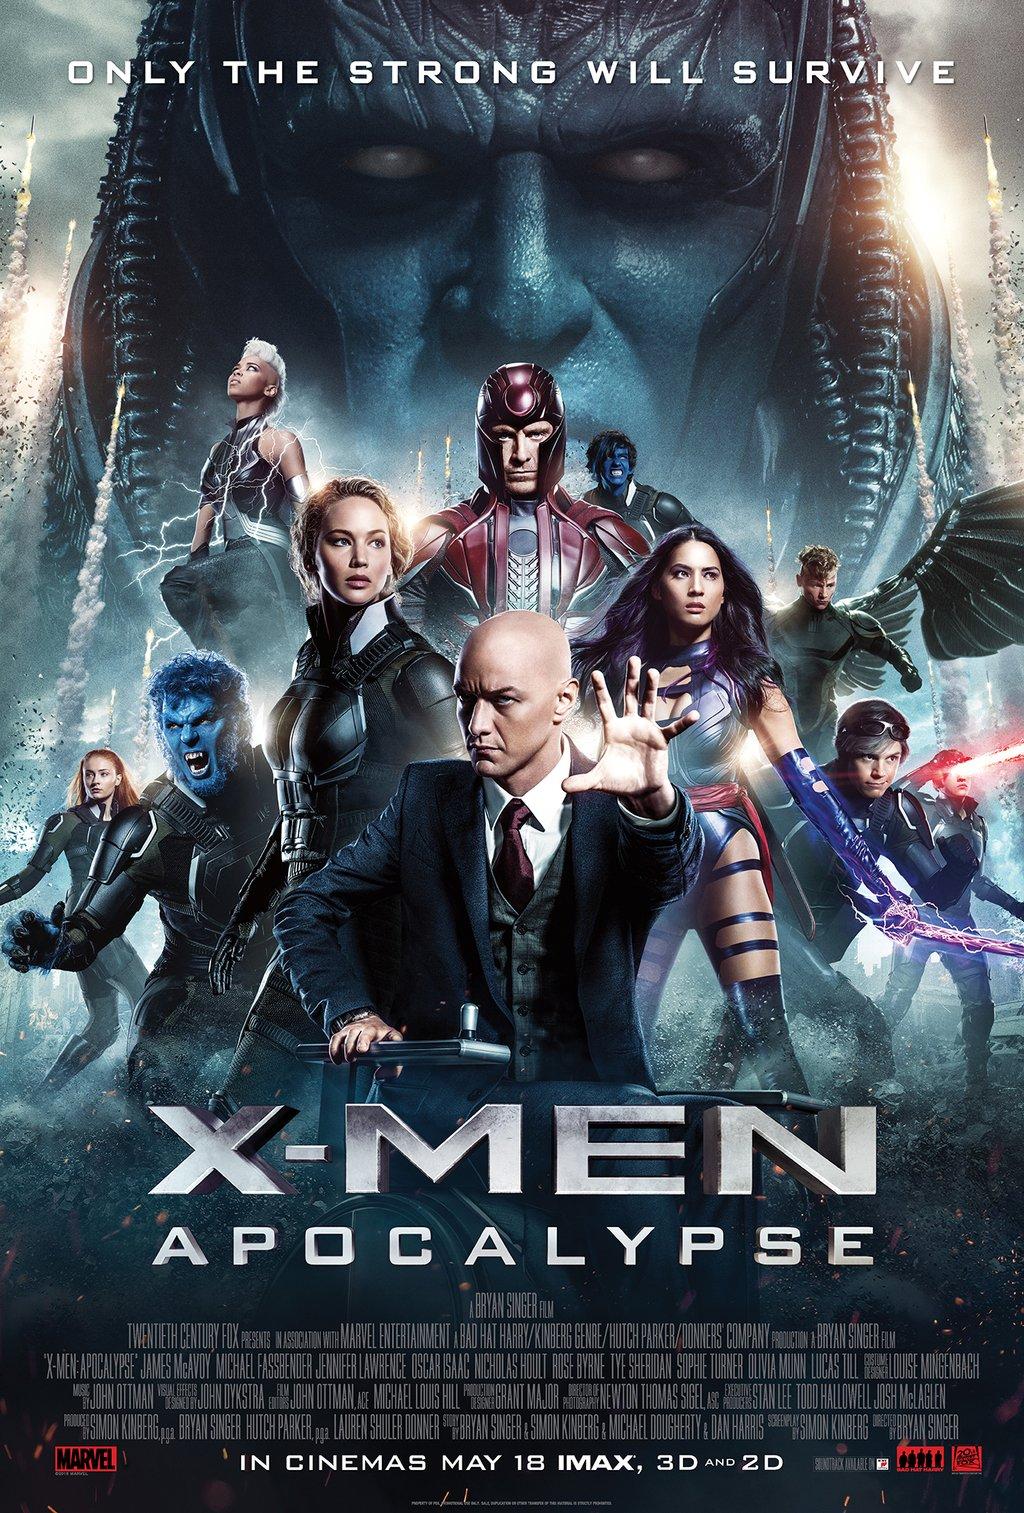 X-Men: Apocalypse | X-Men Movies Wiki | FANDOM powered by Wikia